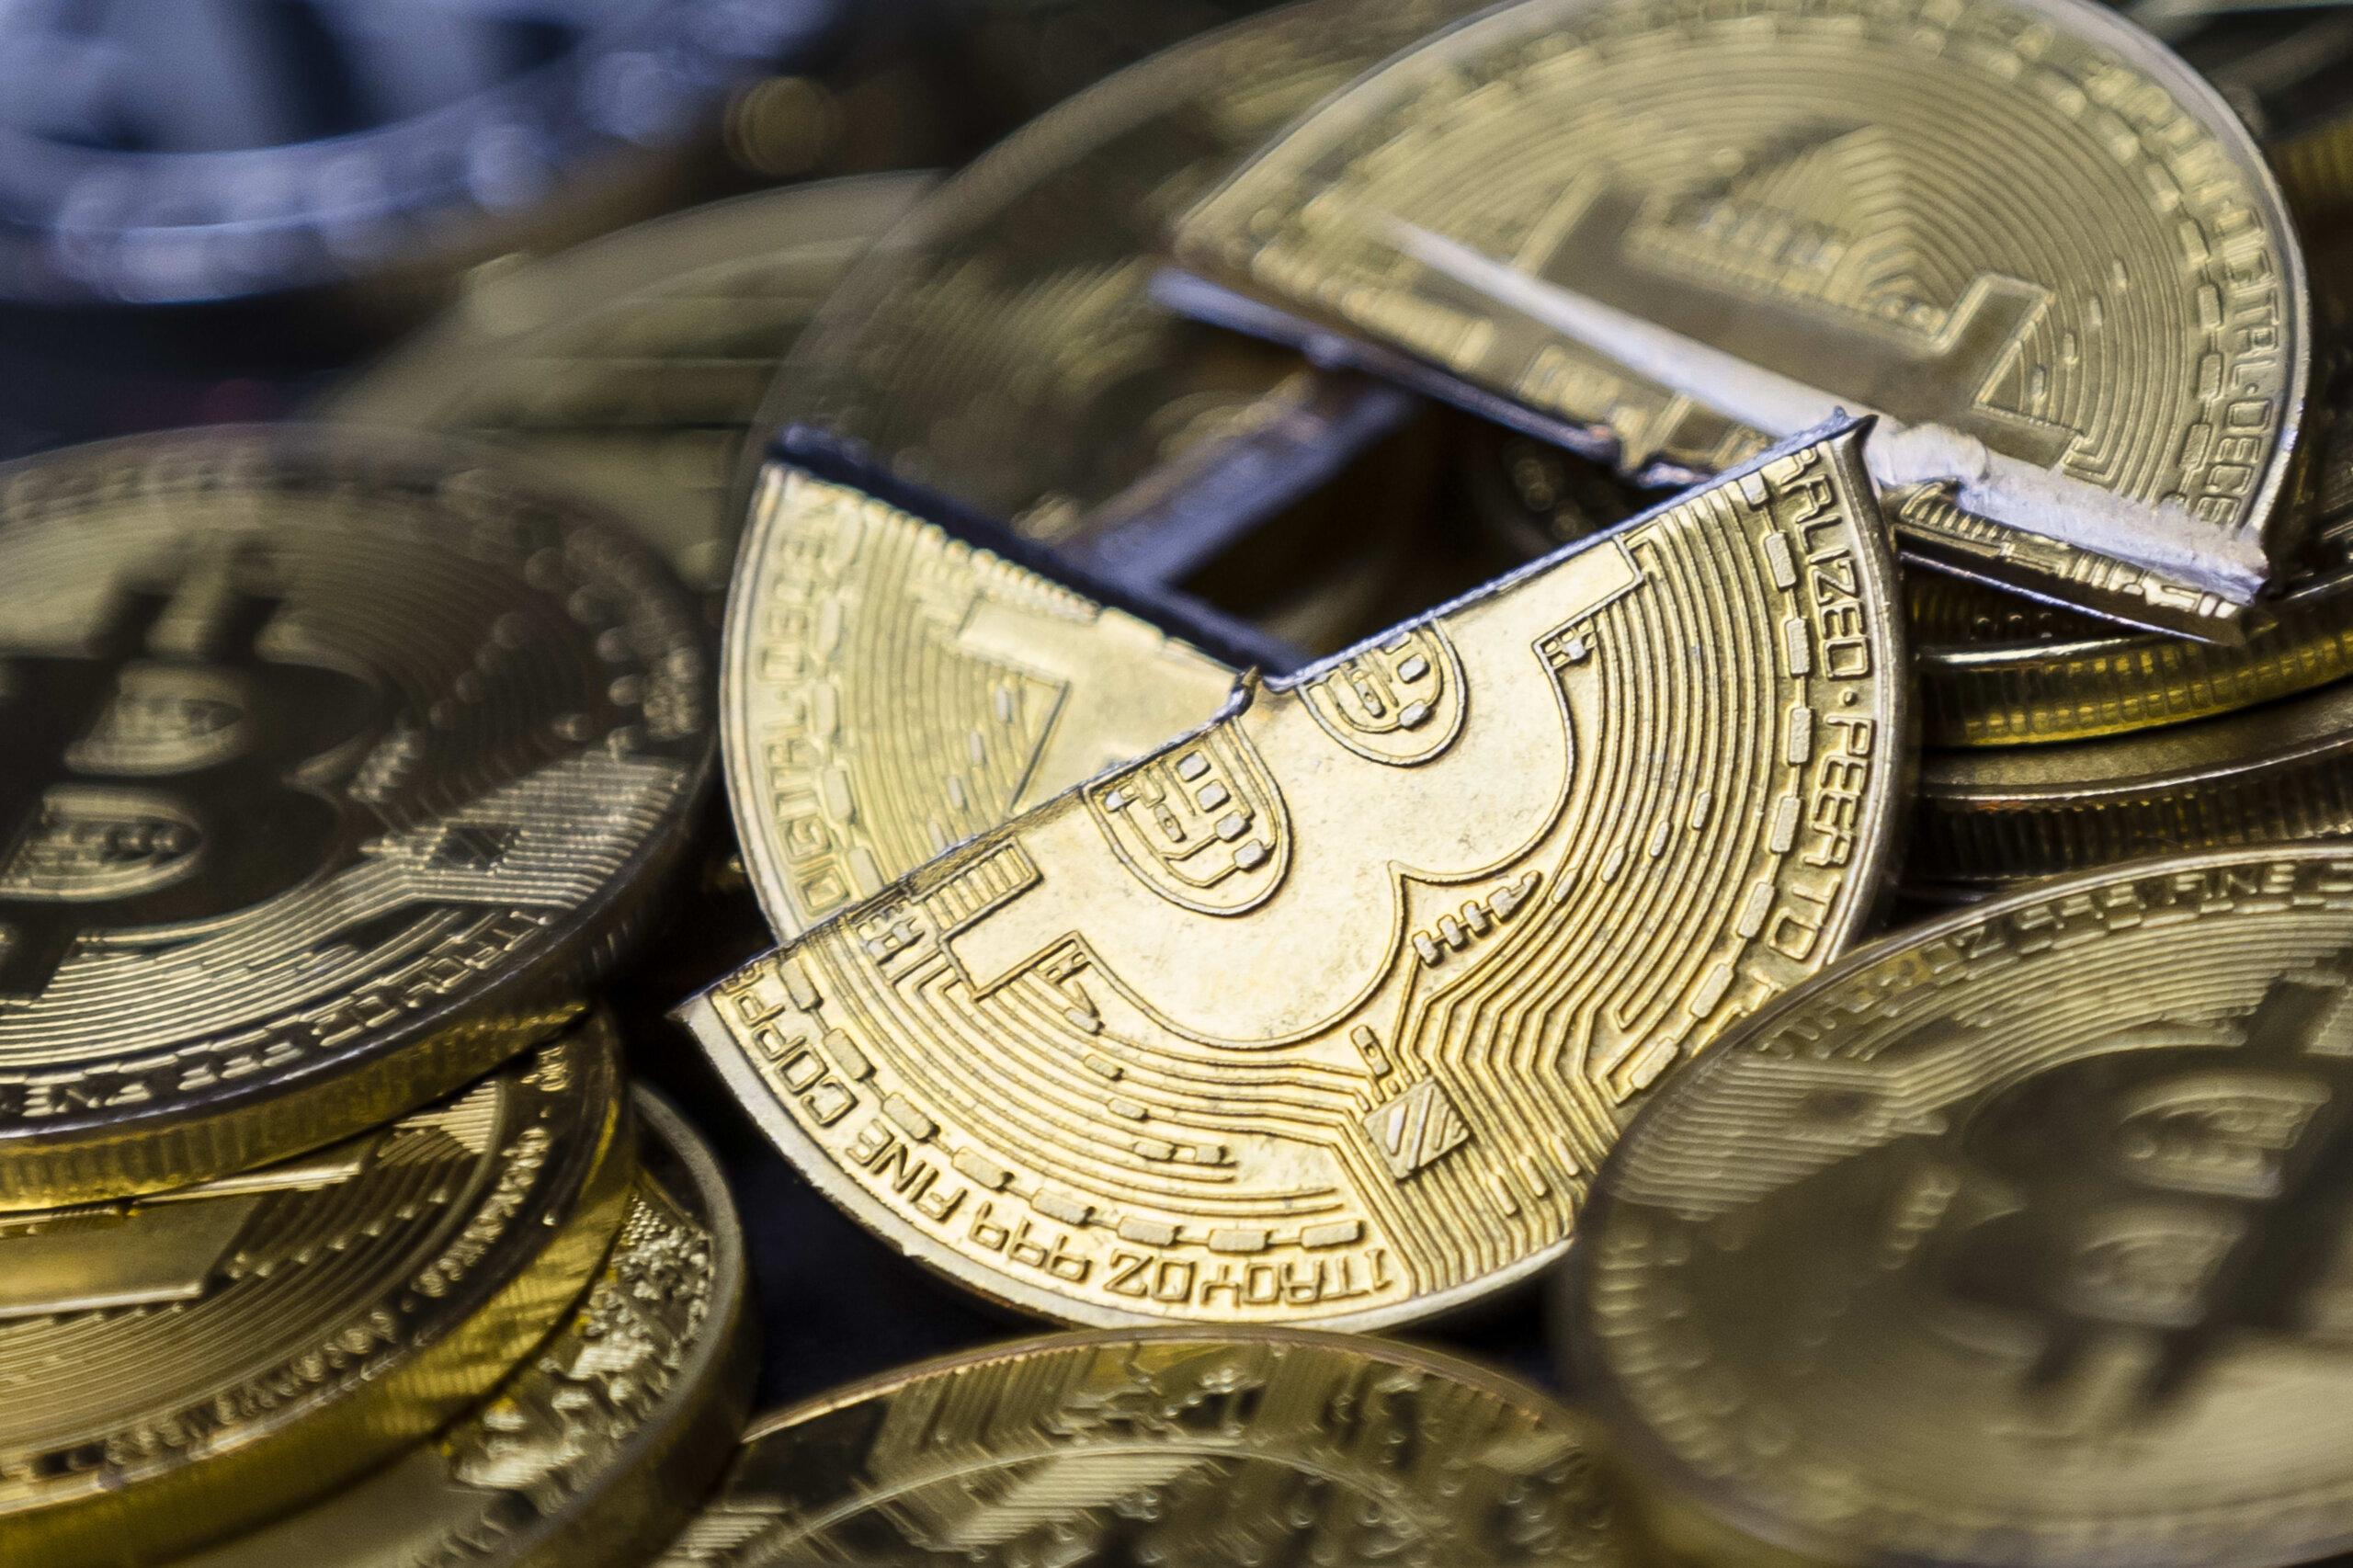 unlu analist bitcoin gibi yepyeni bir sey ortaya cikarsa bitcoin btc degersizlesebilir